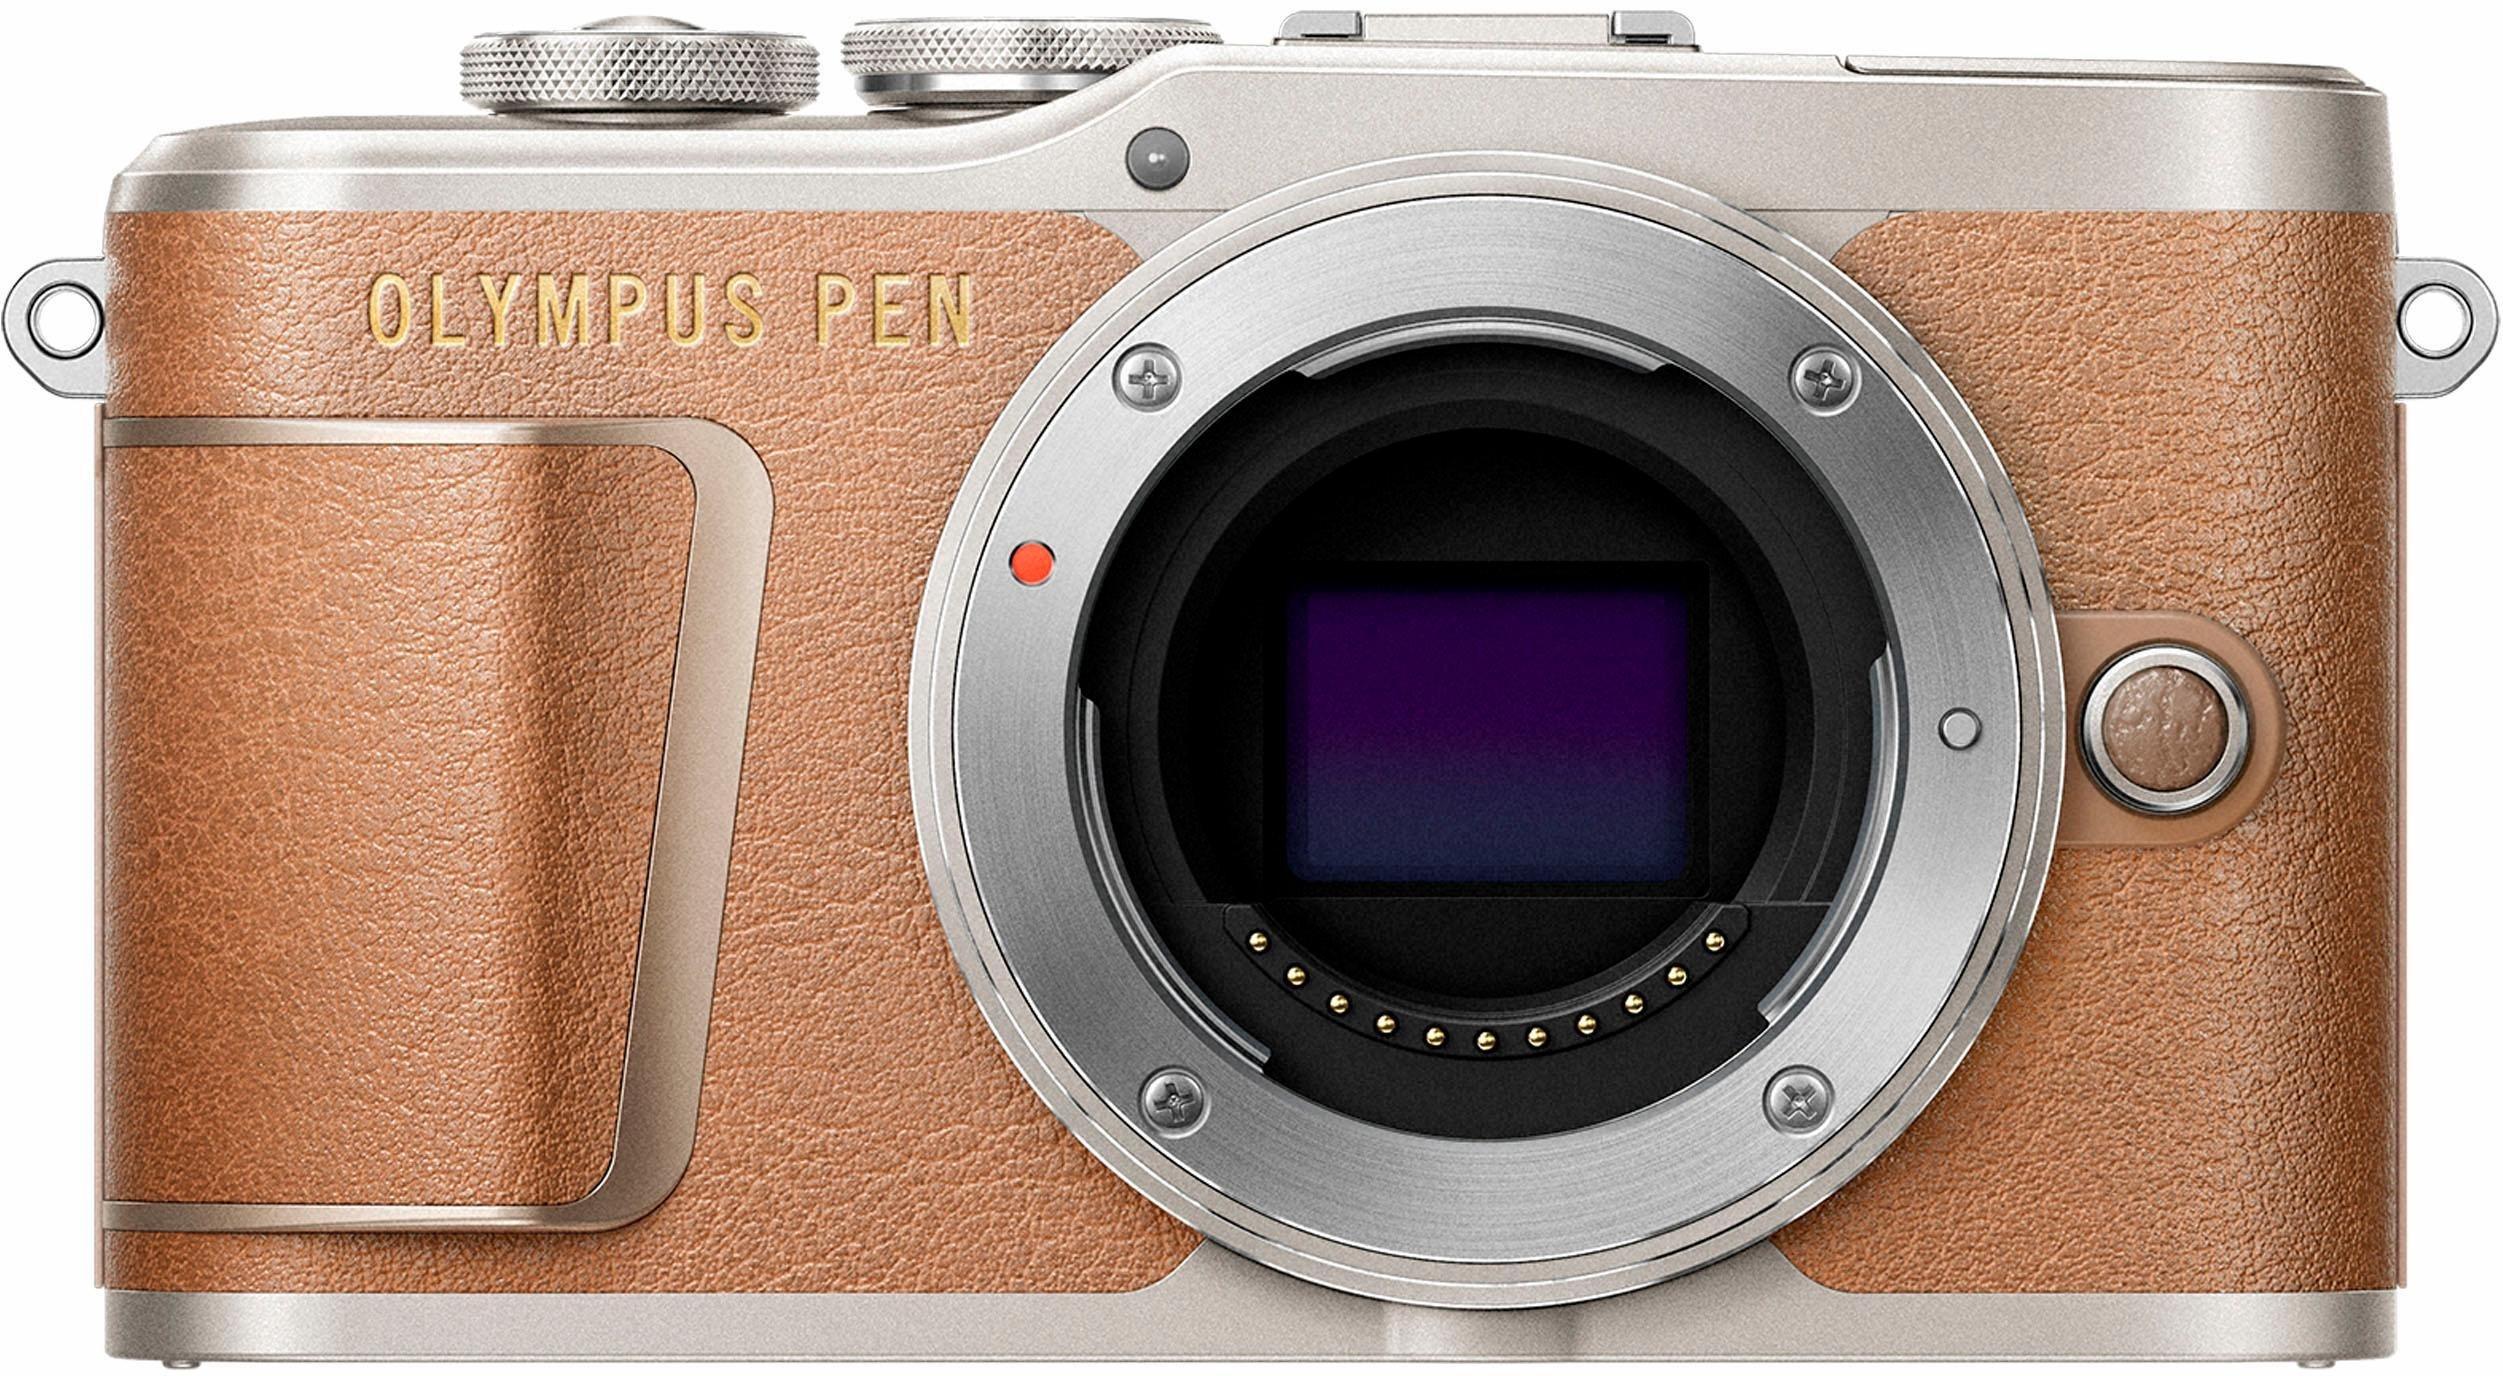 Akku Olympus Li 40b Preisvergleich Die Besten Angebote Online Kaufen E Pl7 Kit 14 42mm 40 150mm Double Paket Pl9 Body Inkl Ladegert Und Systemkamera 161